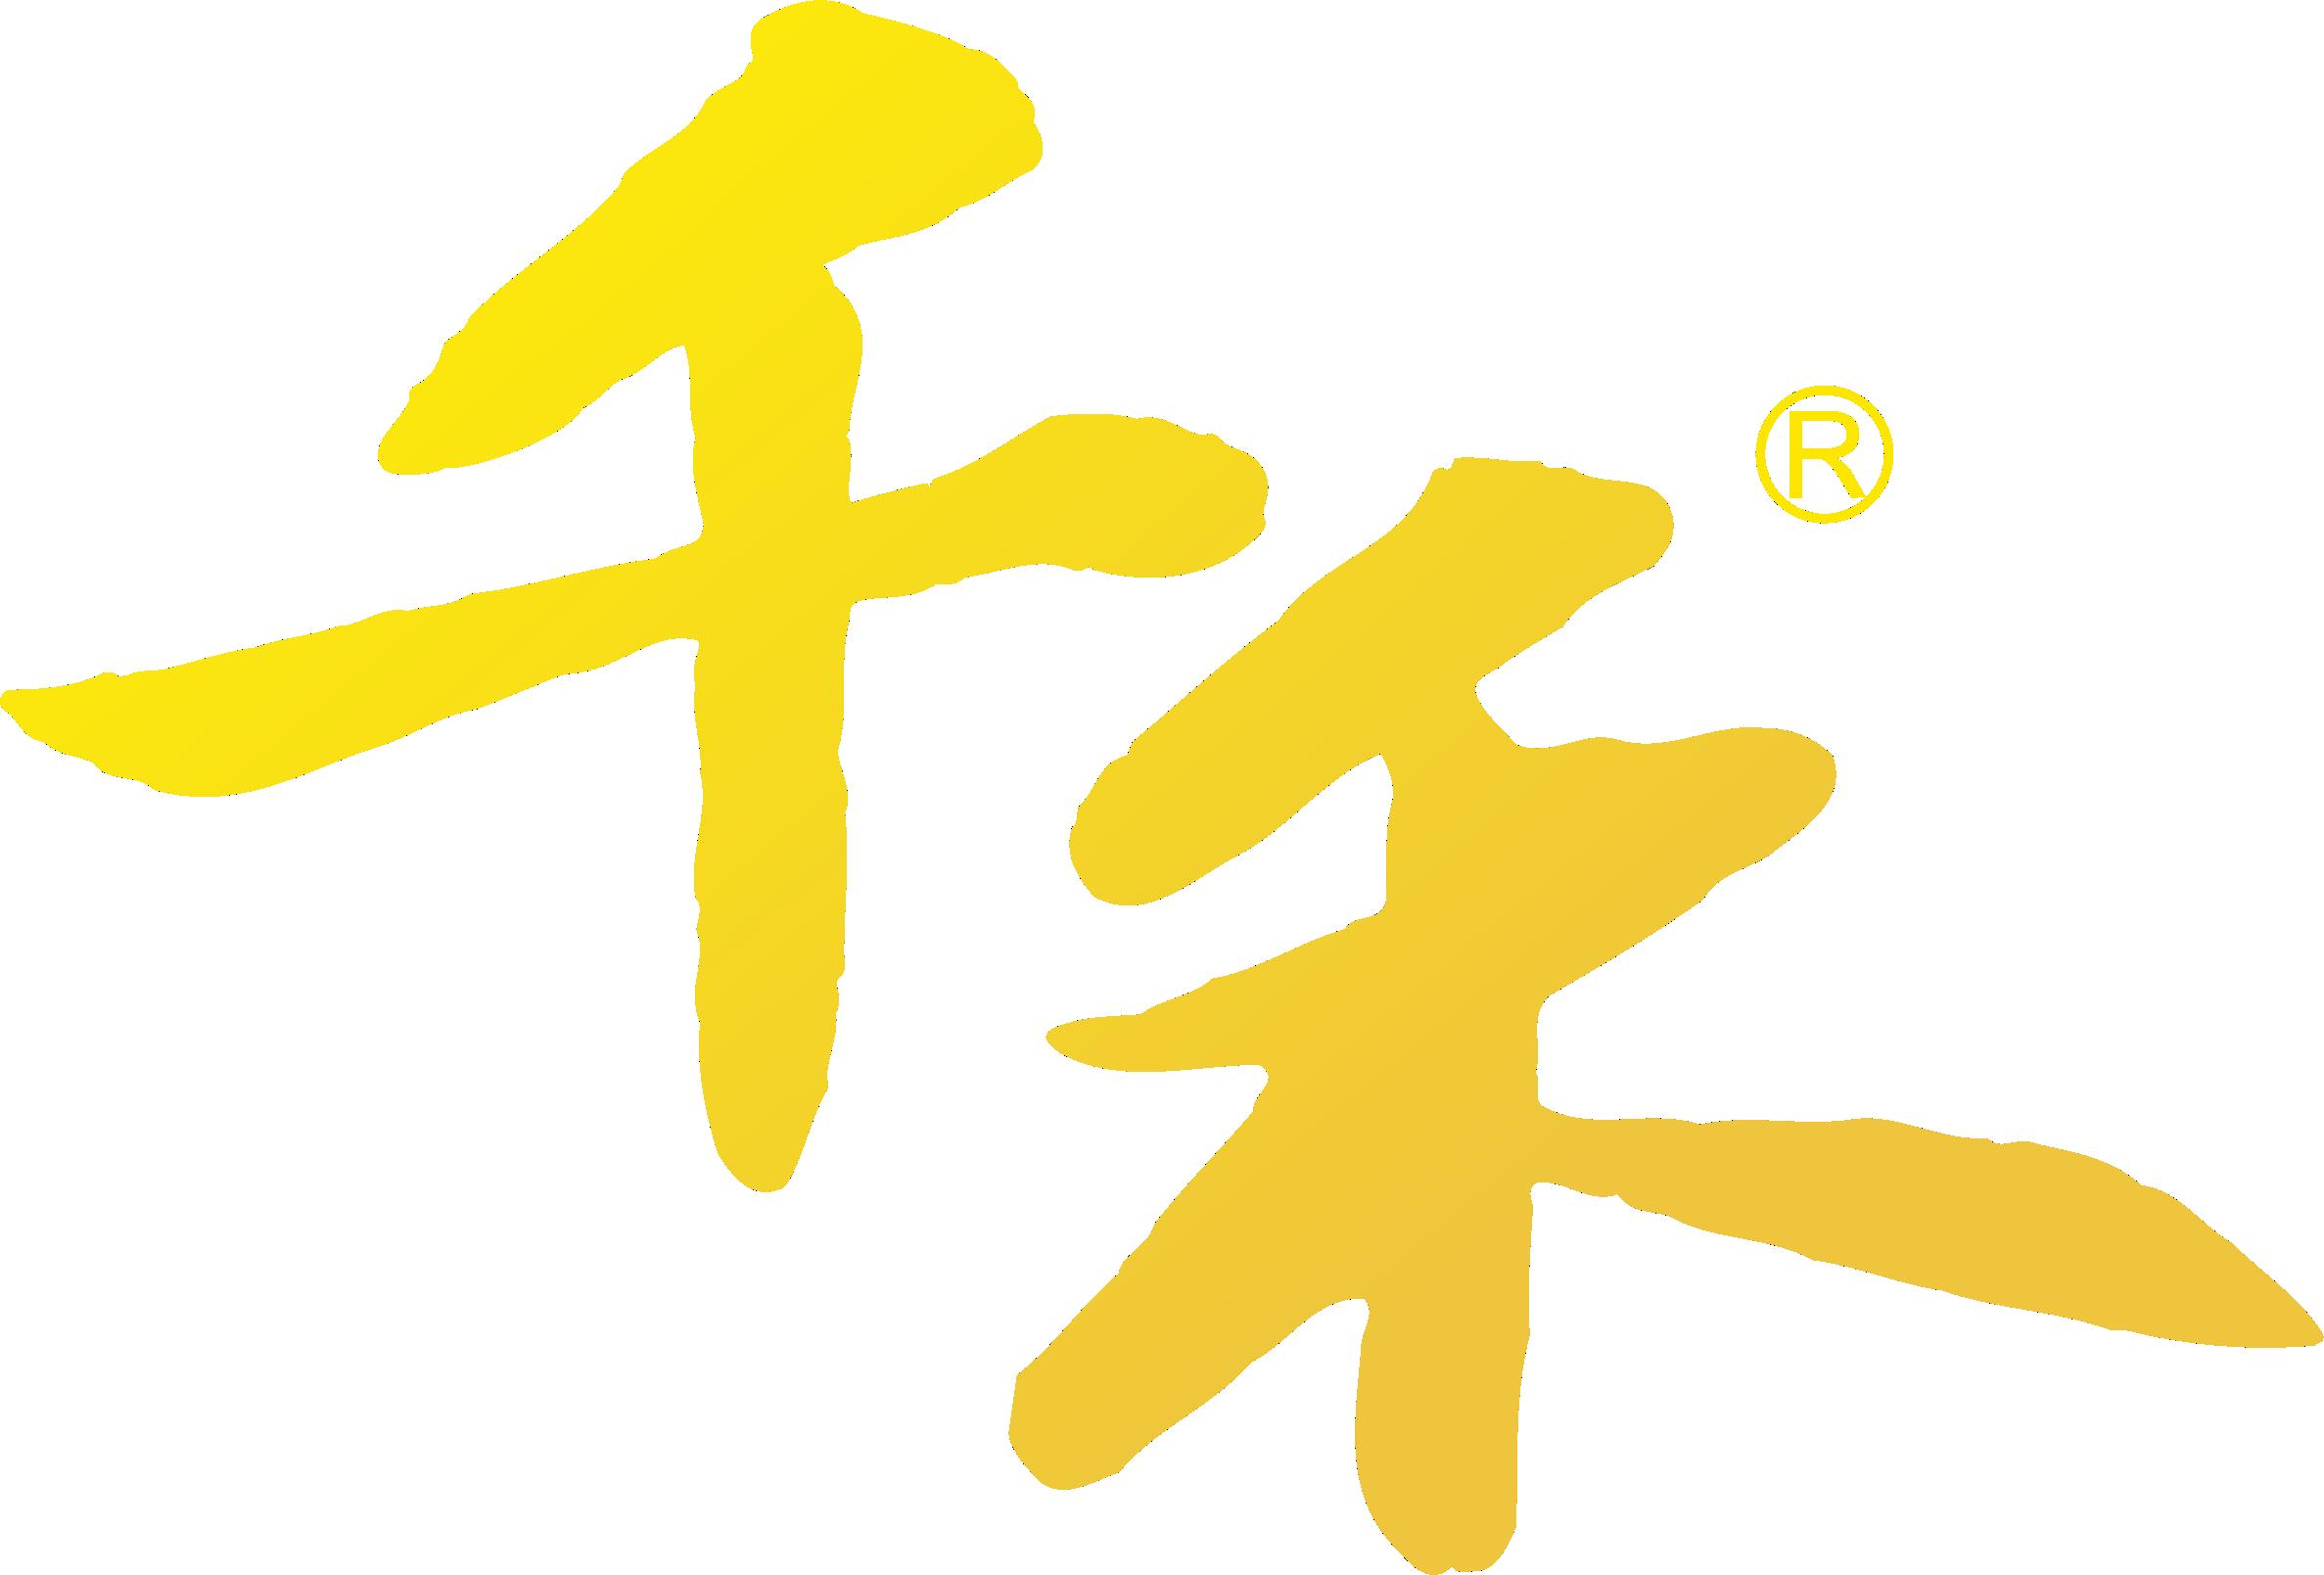 千禾味业英文站